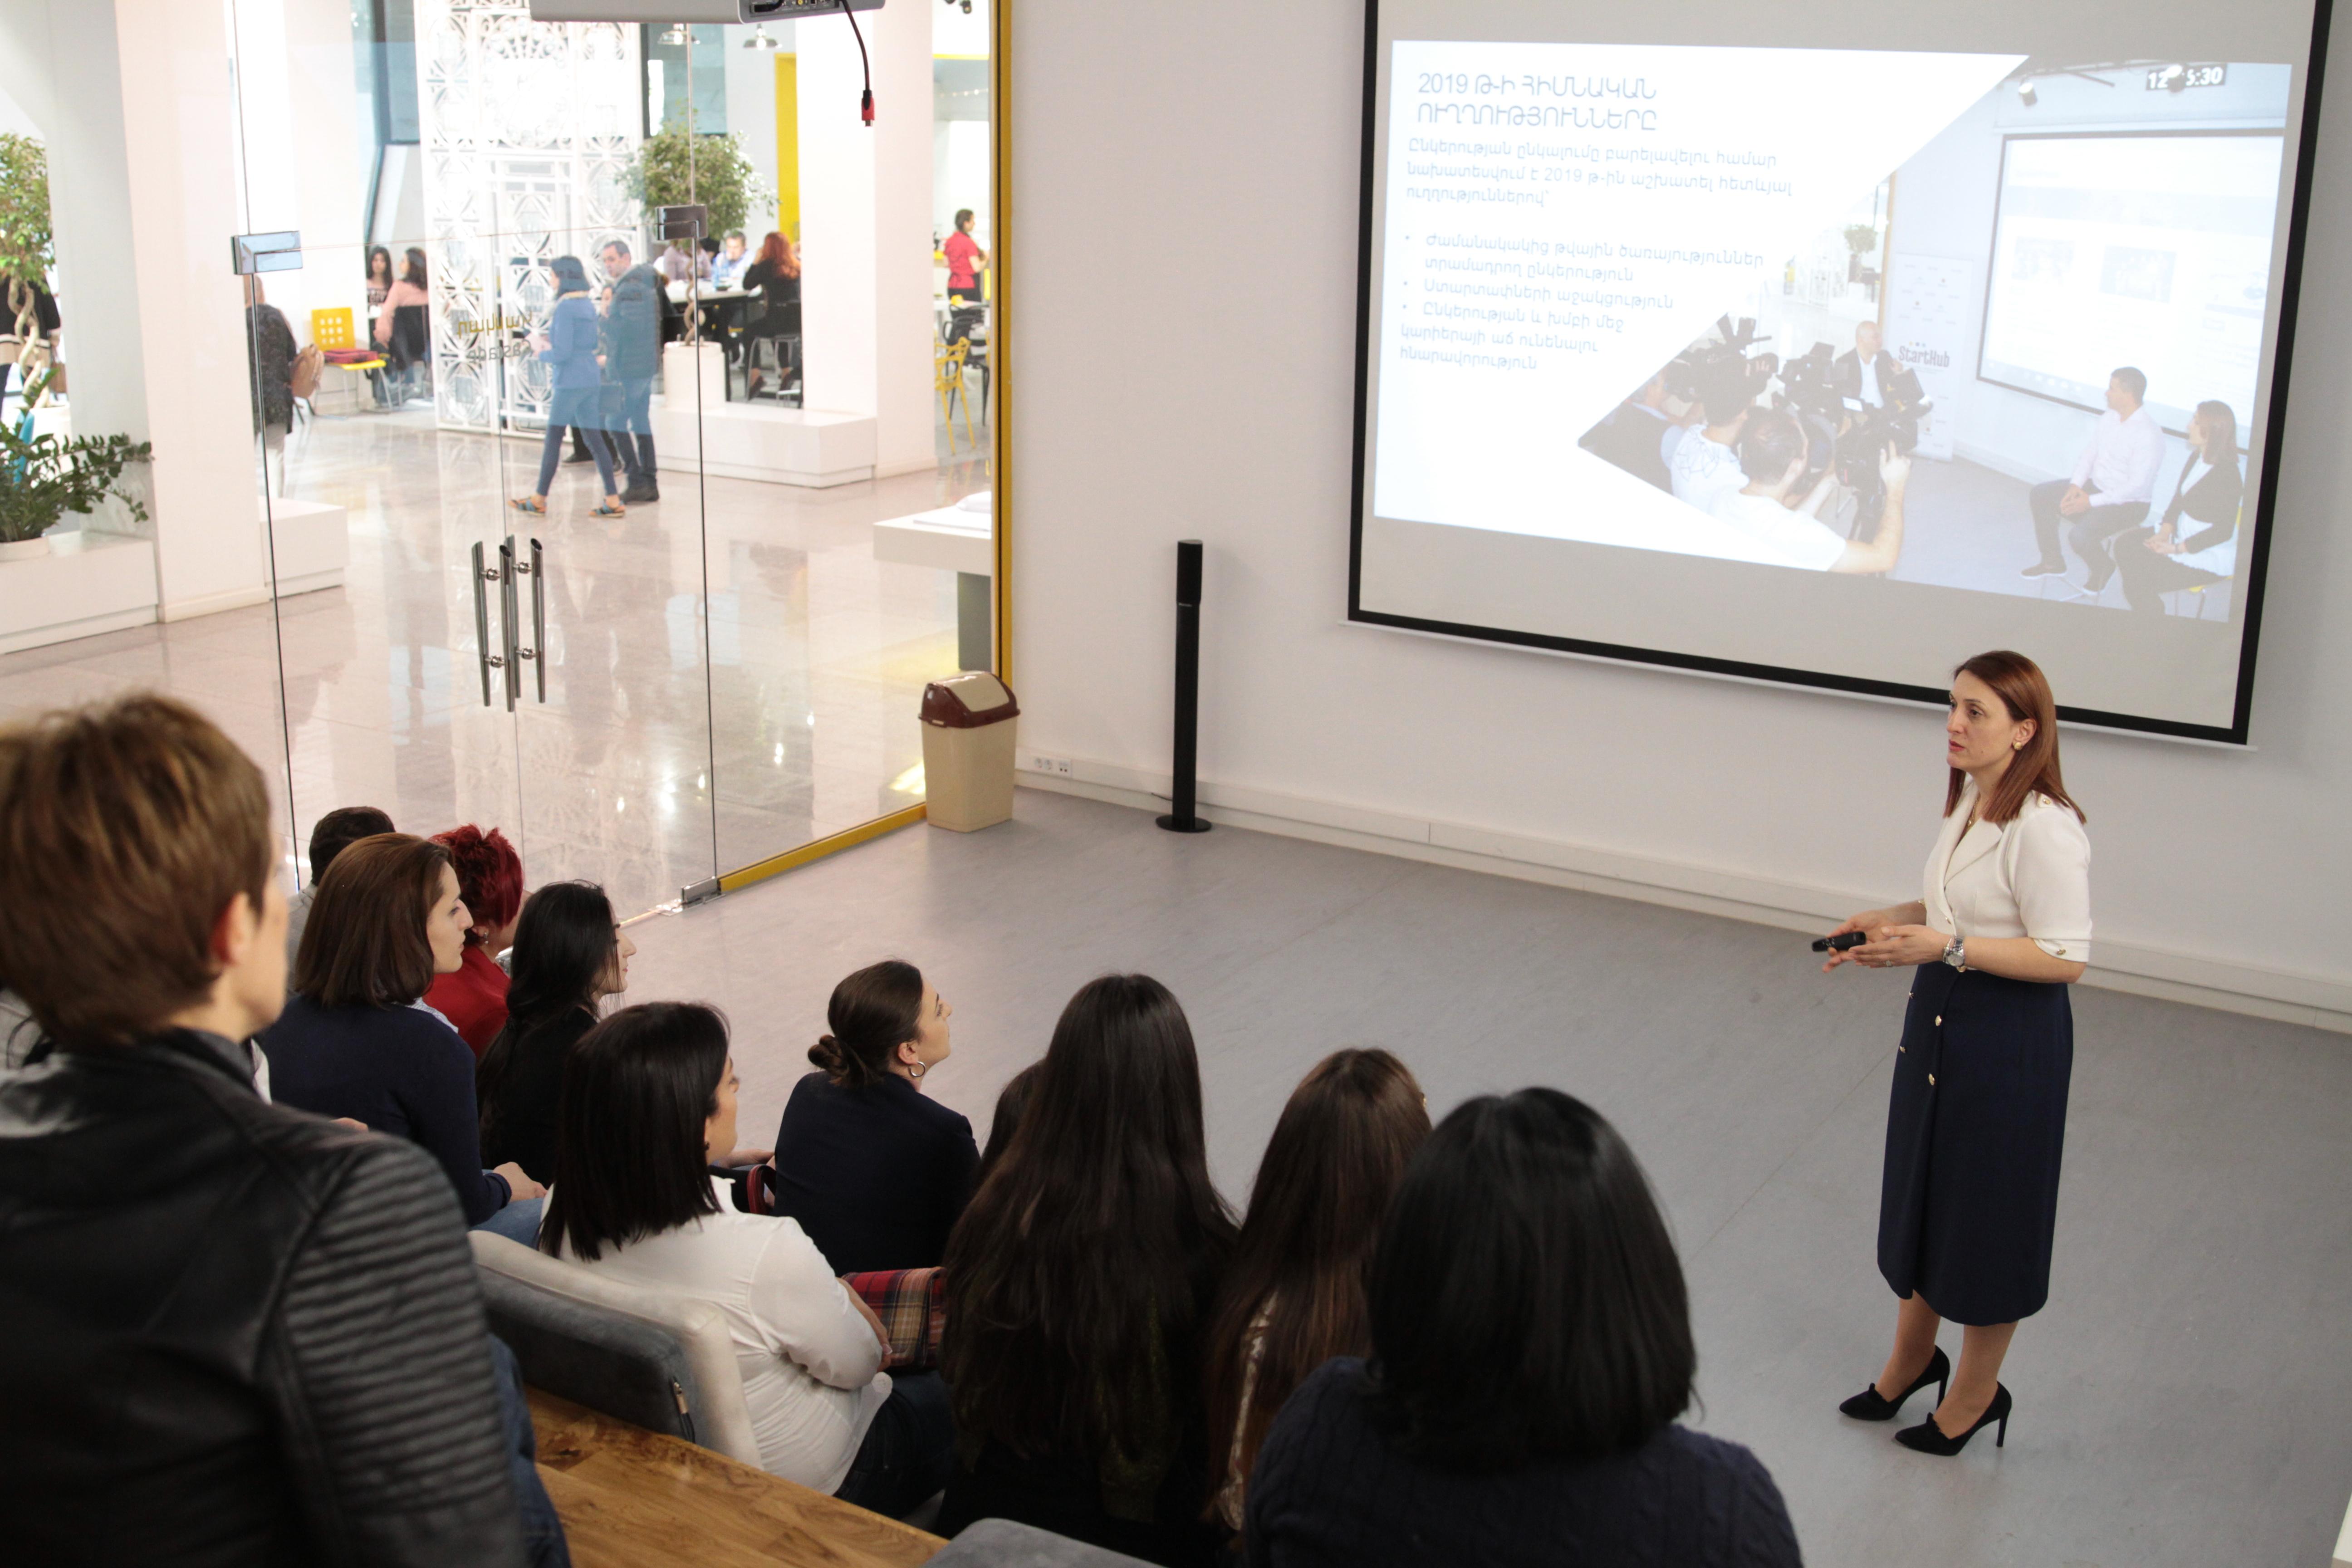 Նաիրա Նազարյանը դասախոսություն կարդաց «PR և հաղորդակցային տեխնոլոգիաներ» մագիստրոսական ծրագրի և PR դպրոցի ուսանողների համար